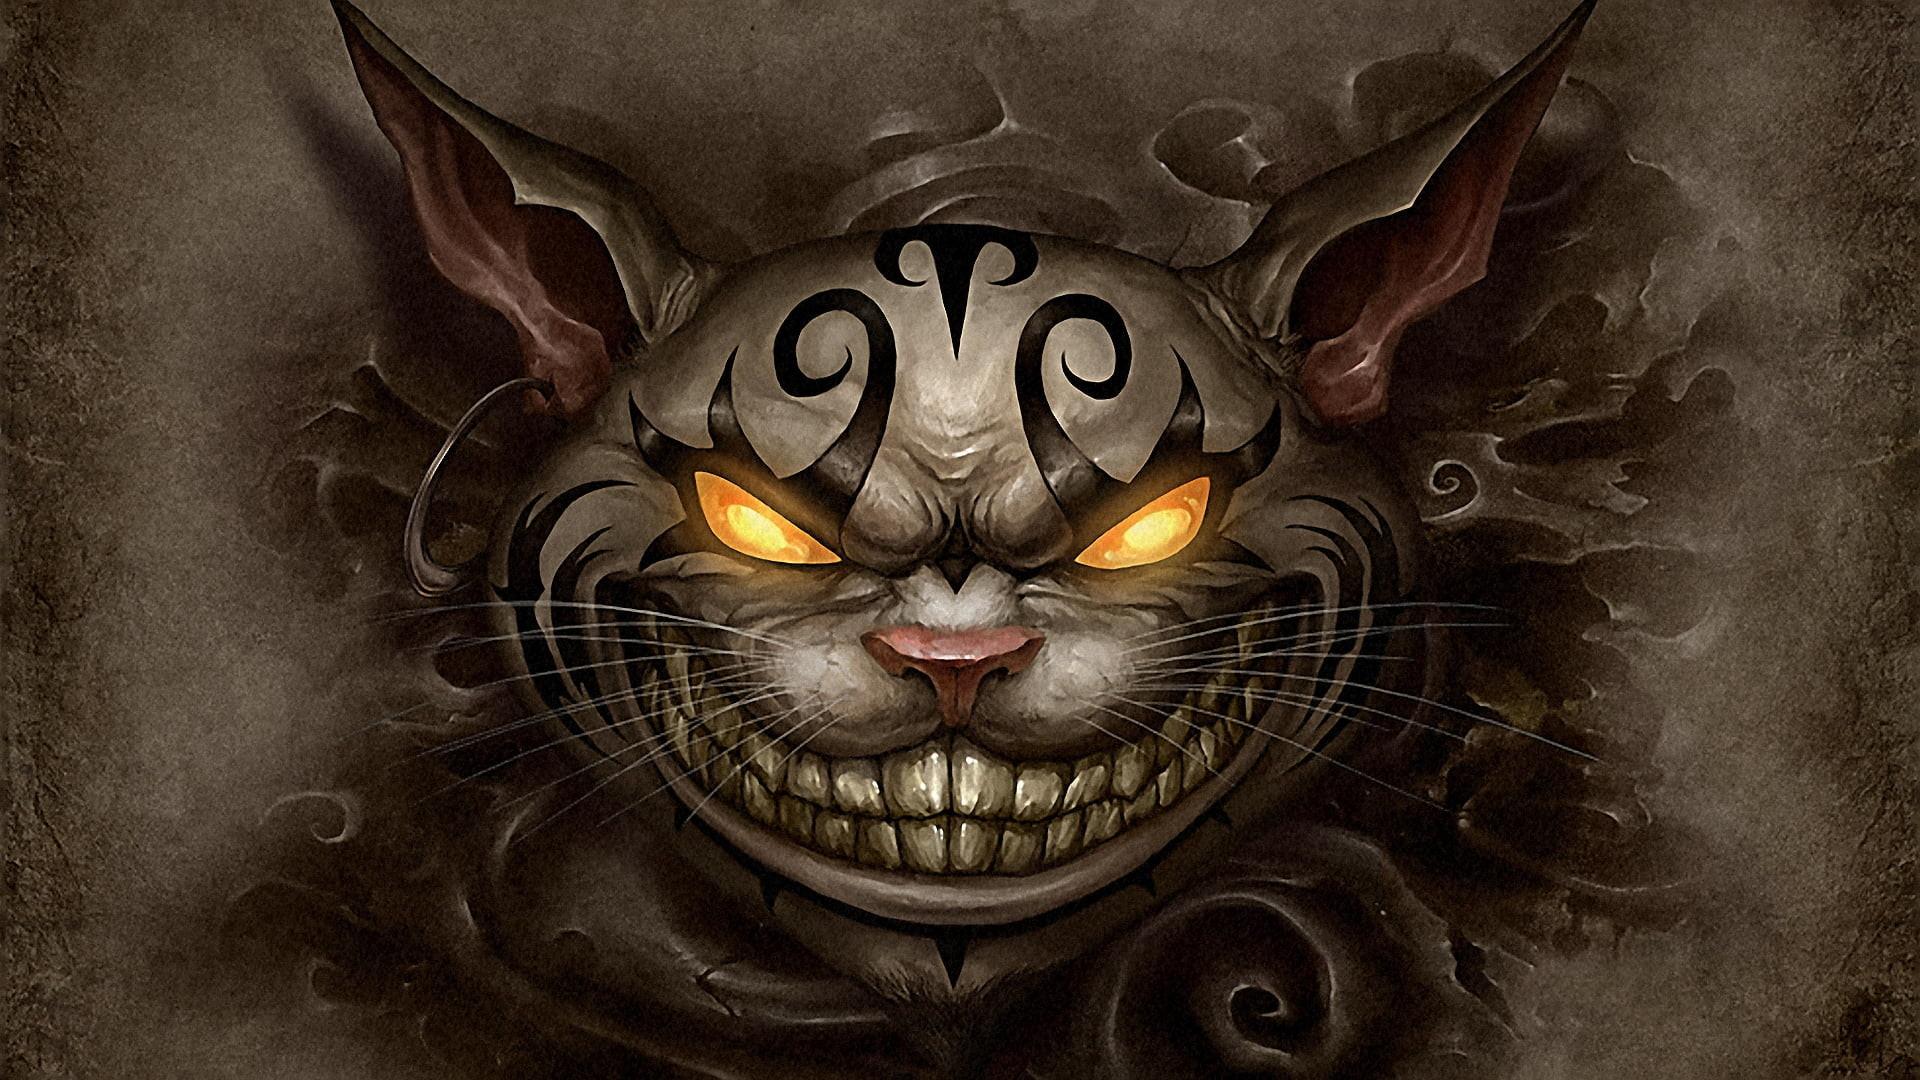 Res: 1920x1080, evil bat illustration HD wallpaper